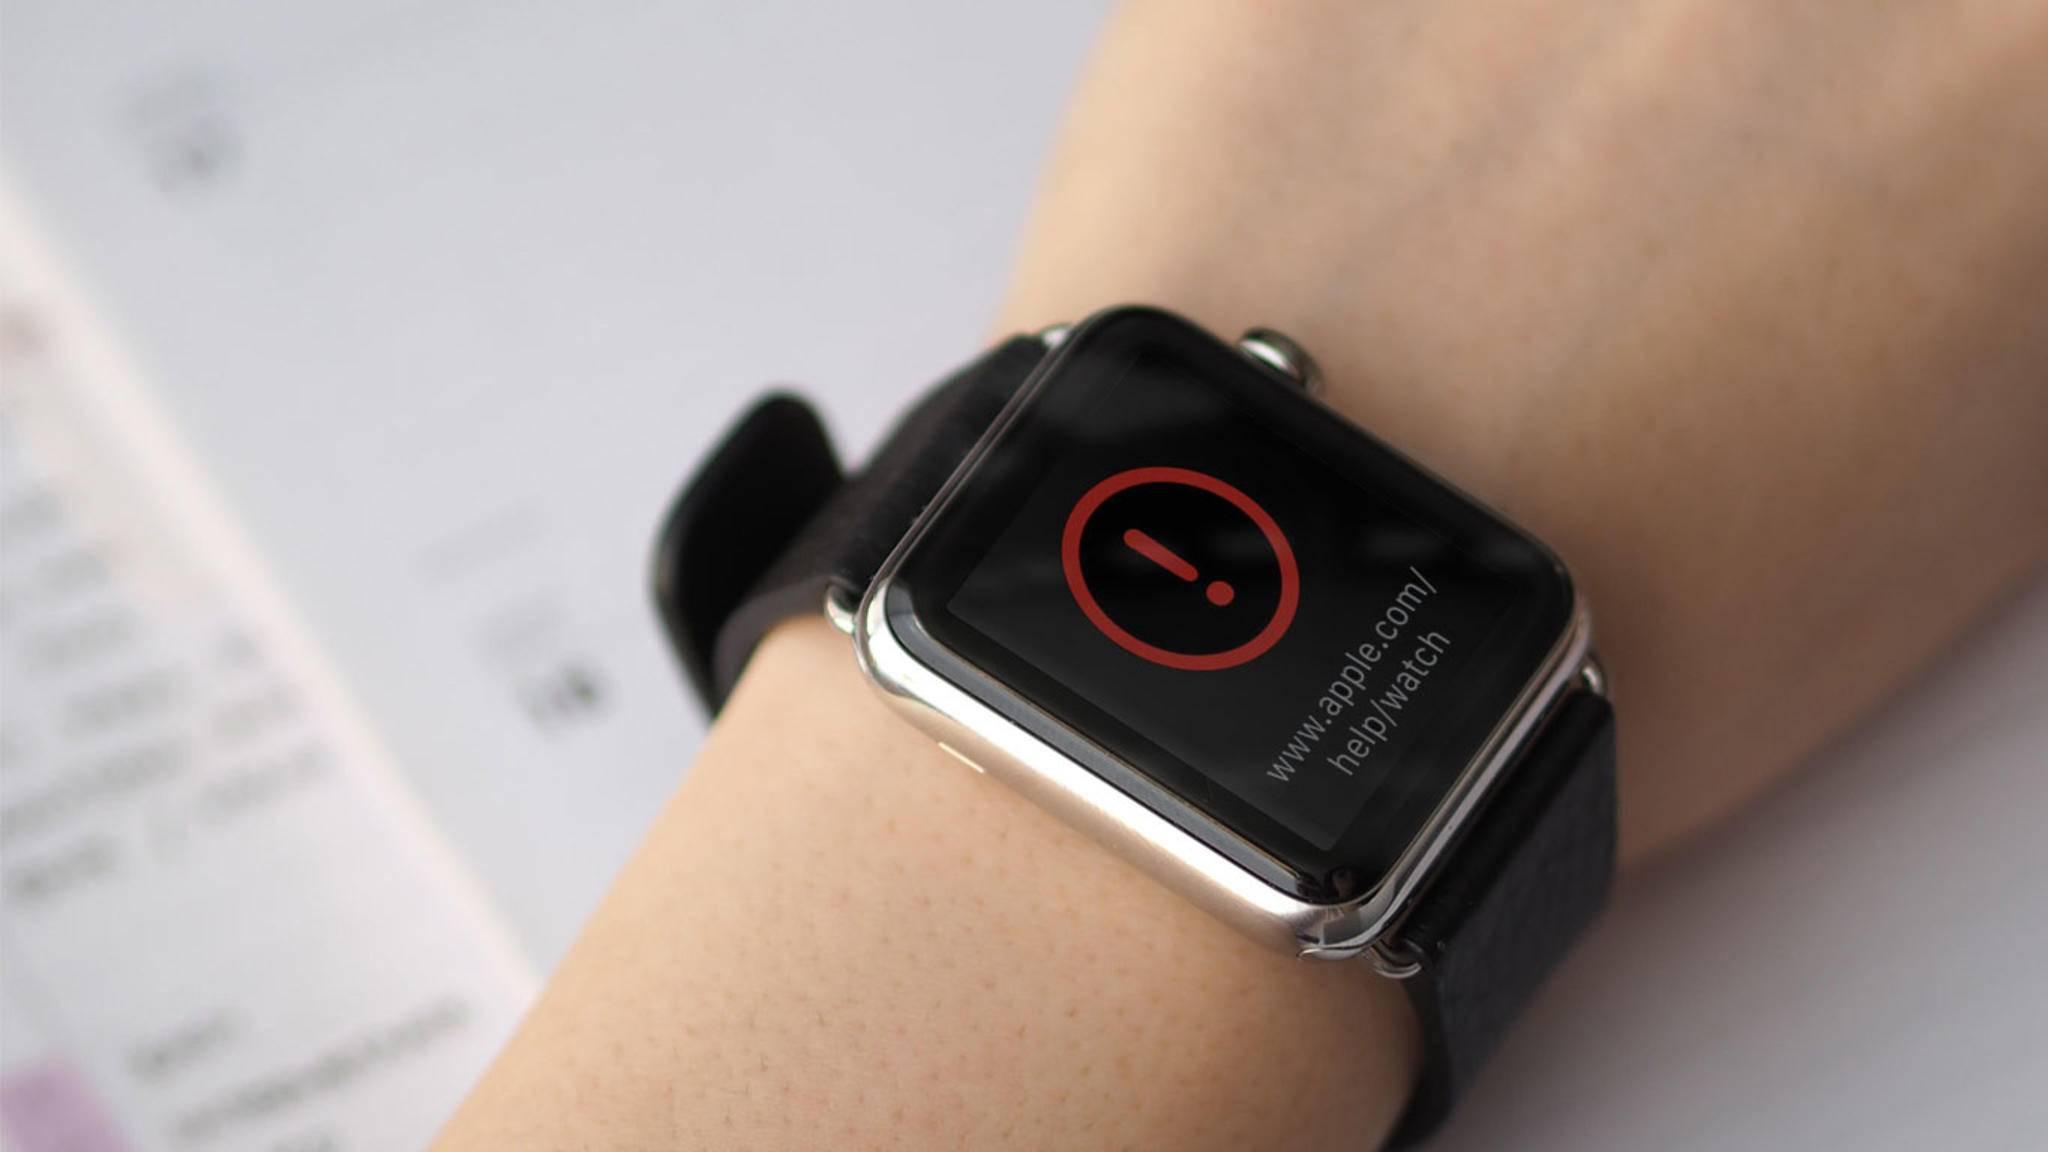 Die Apple Watch 3 soll sich äußerlich nicht von den Vorgängermodellen unterscheiden.